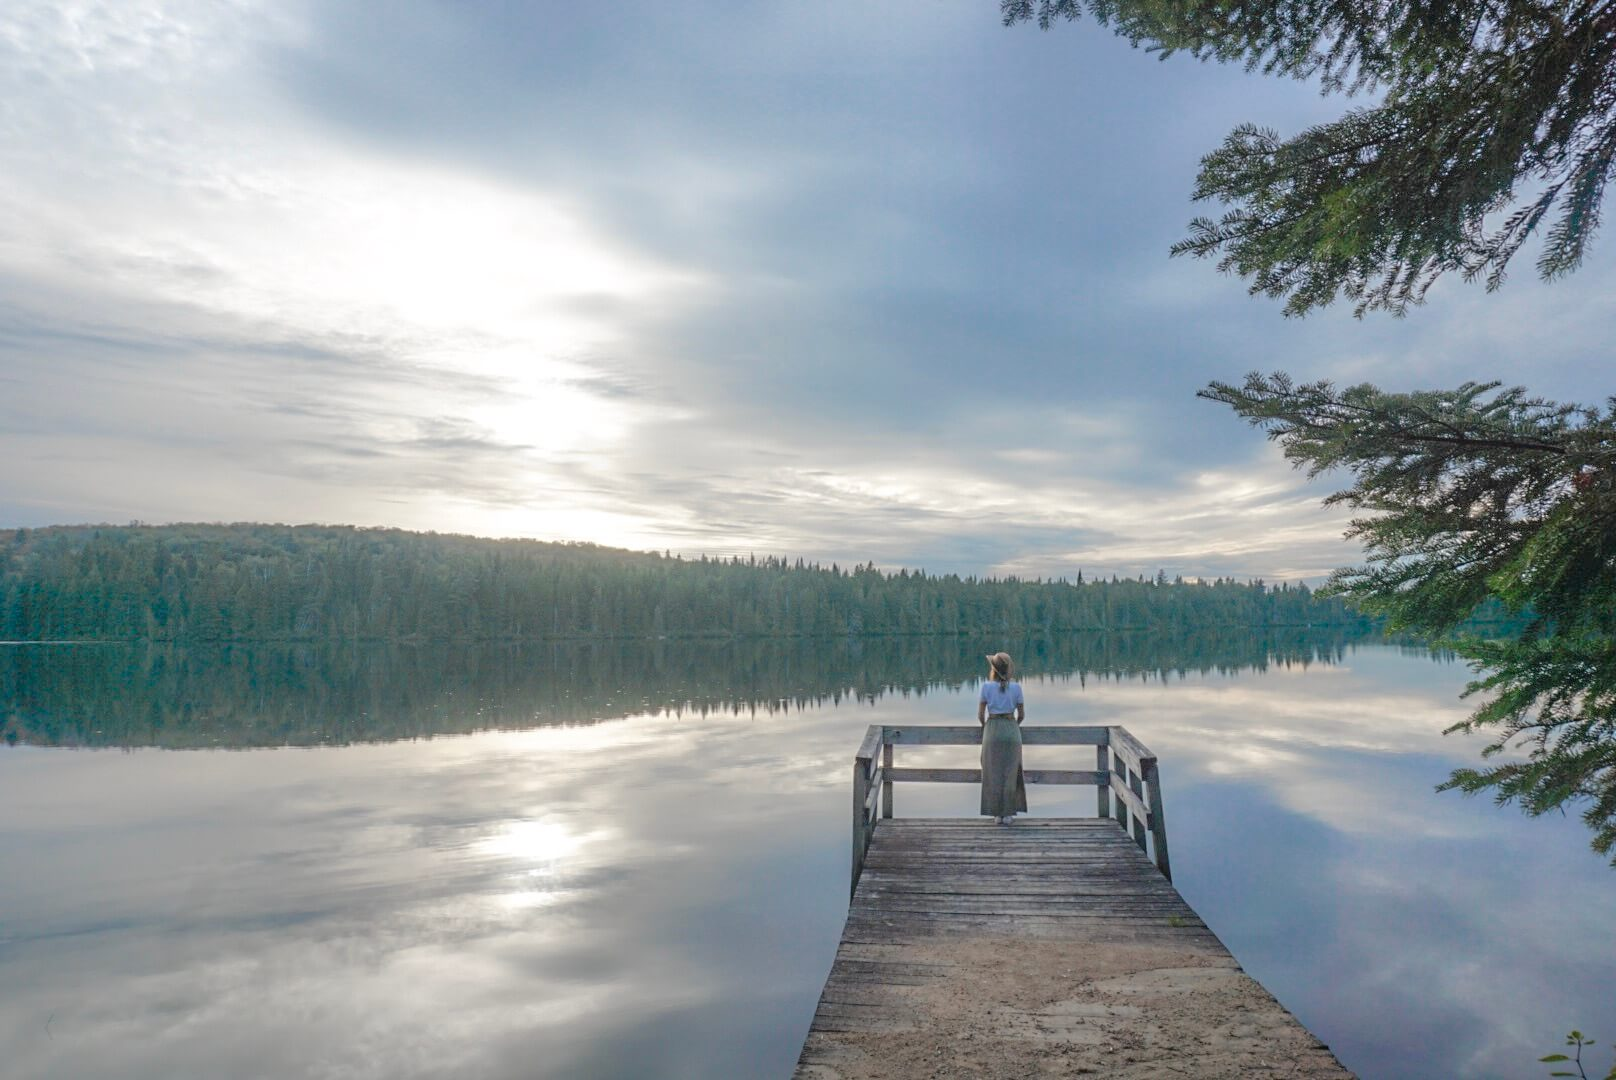 lac à visiter parc quebec mont tremblant